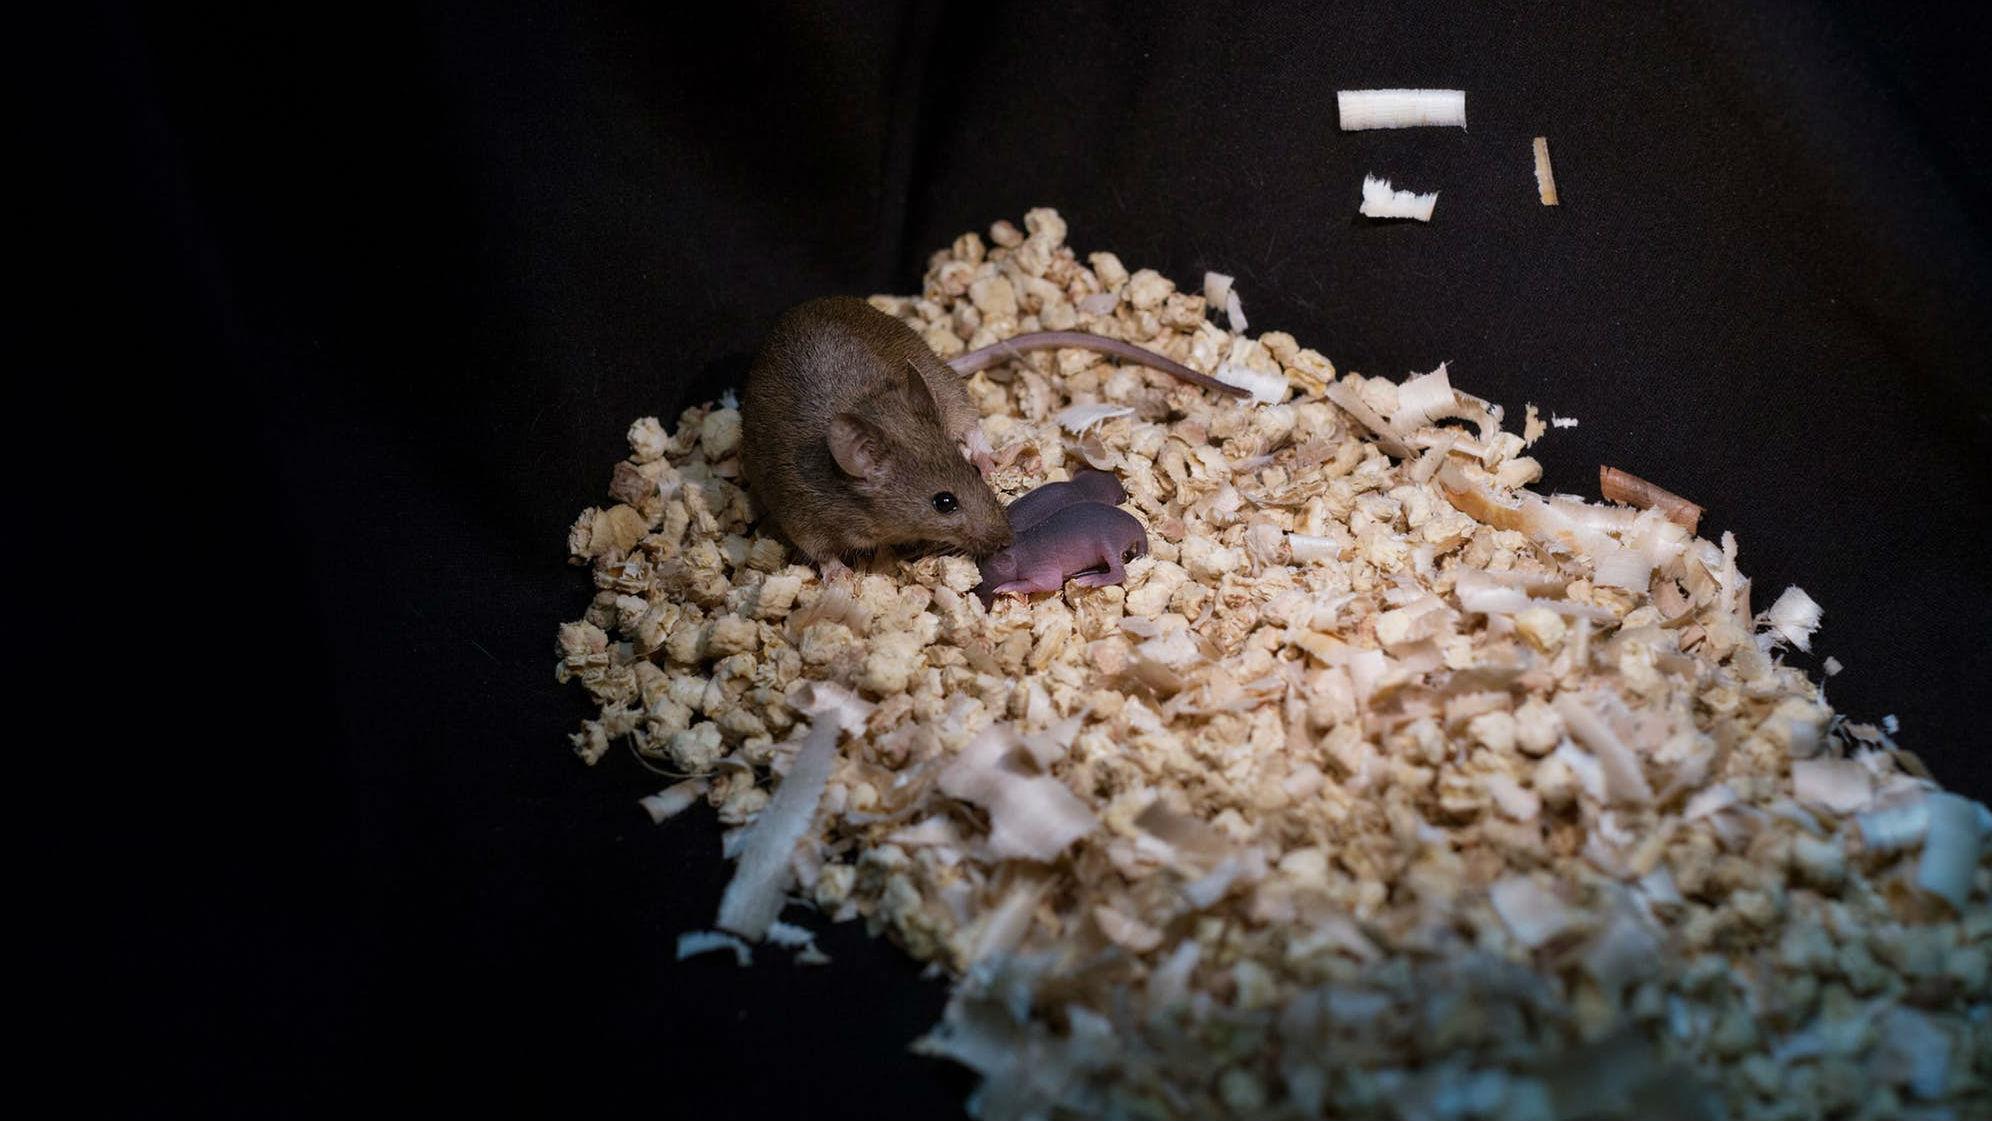 Исследователи вырастили мышей, удалив некоторые импринтинговые гены из гаплоидных эмбриональных стволовых клеток одной самки, а затем имплантировали их в яйцеклетку другой.